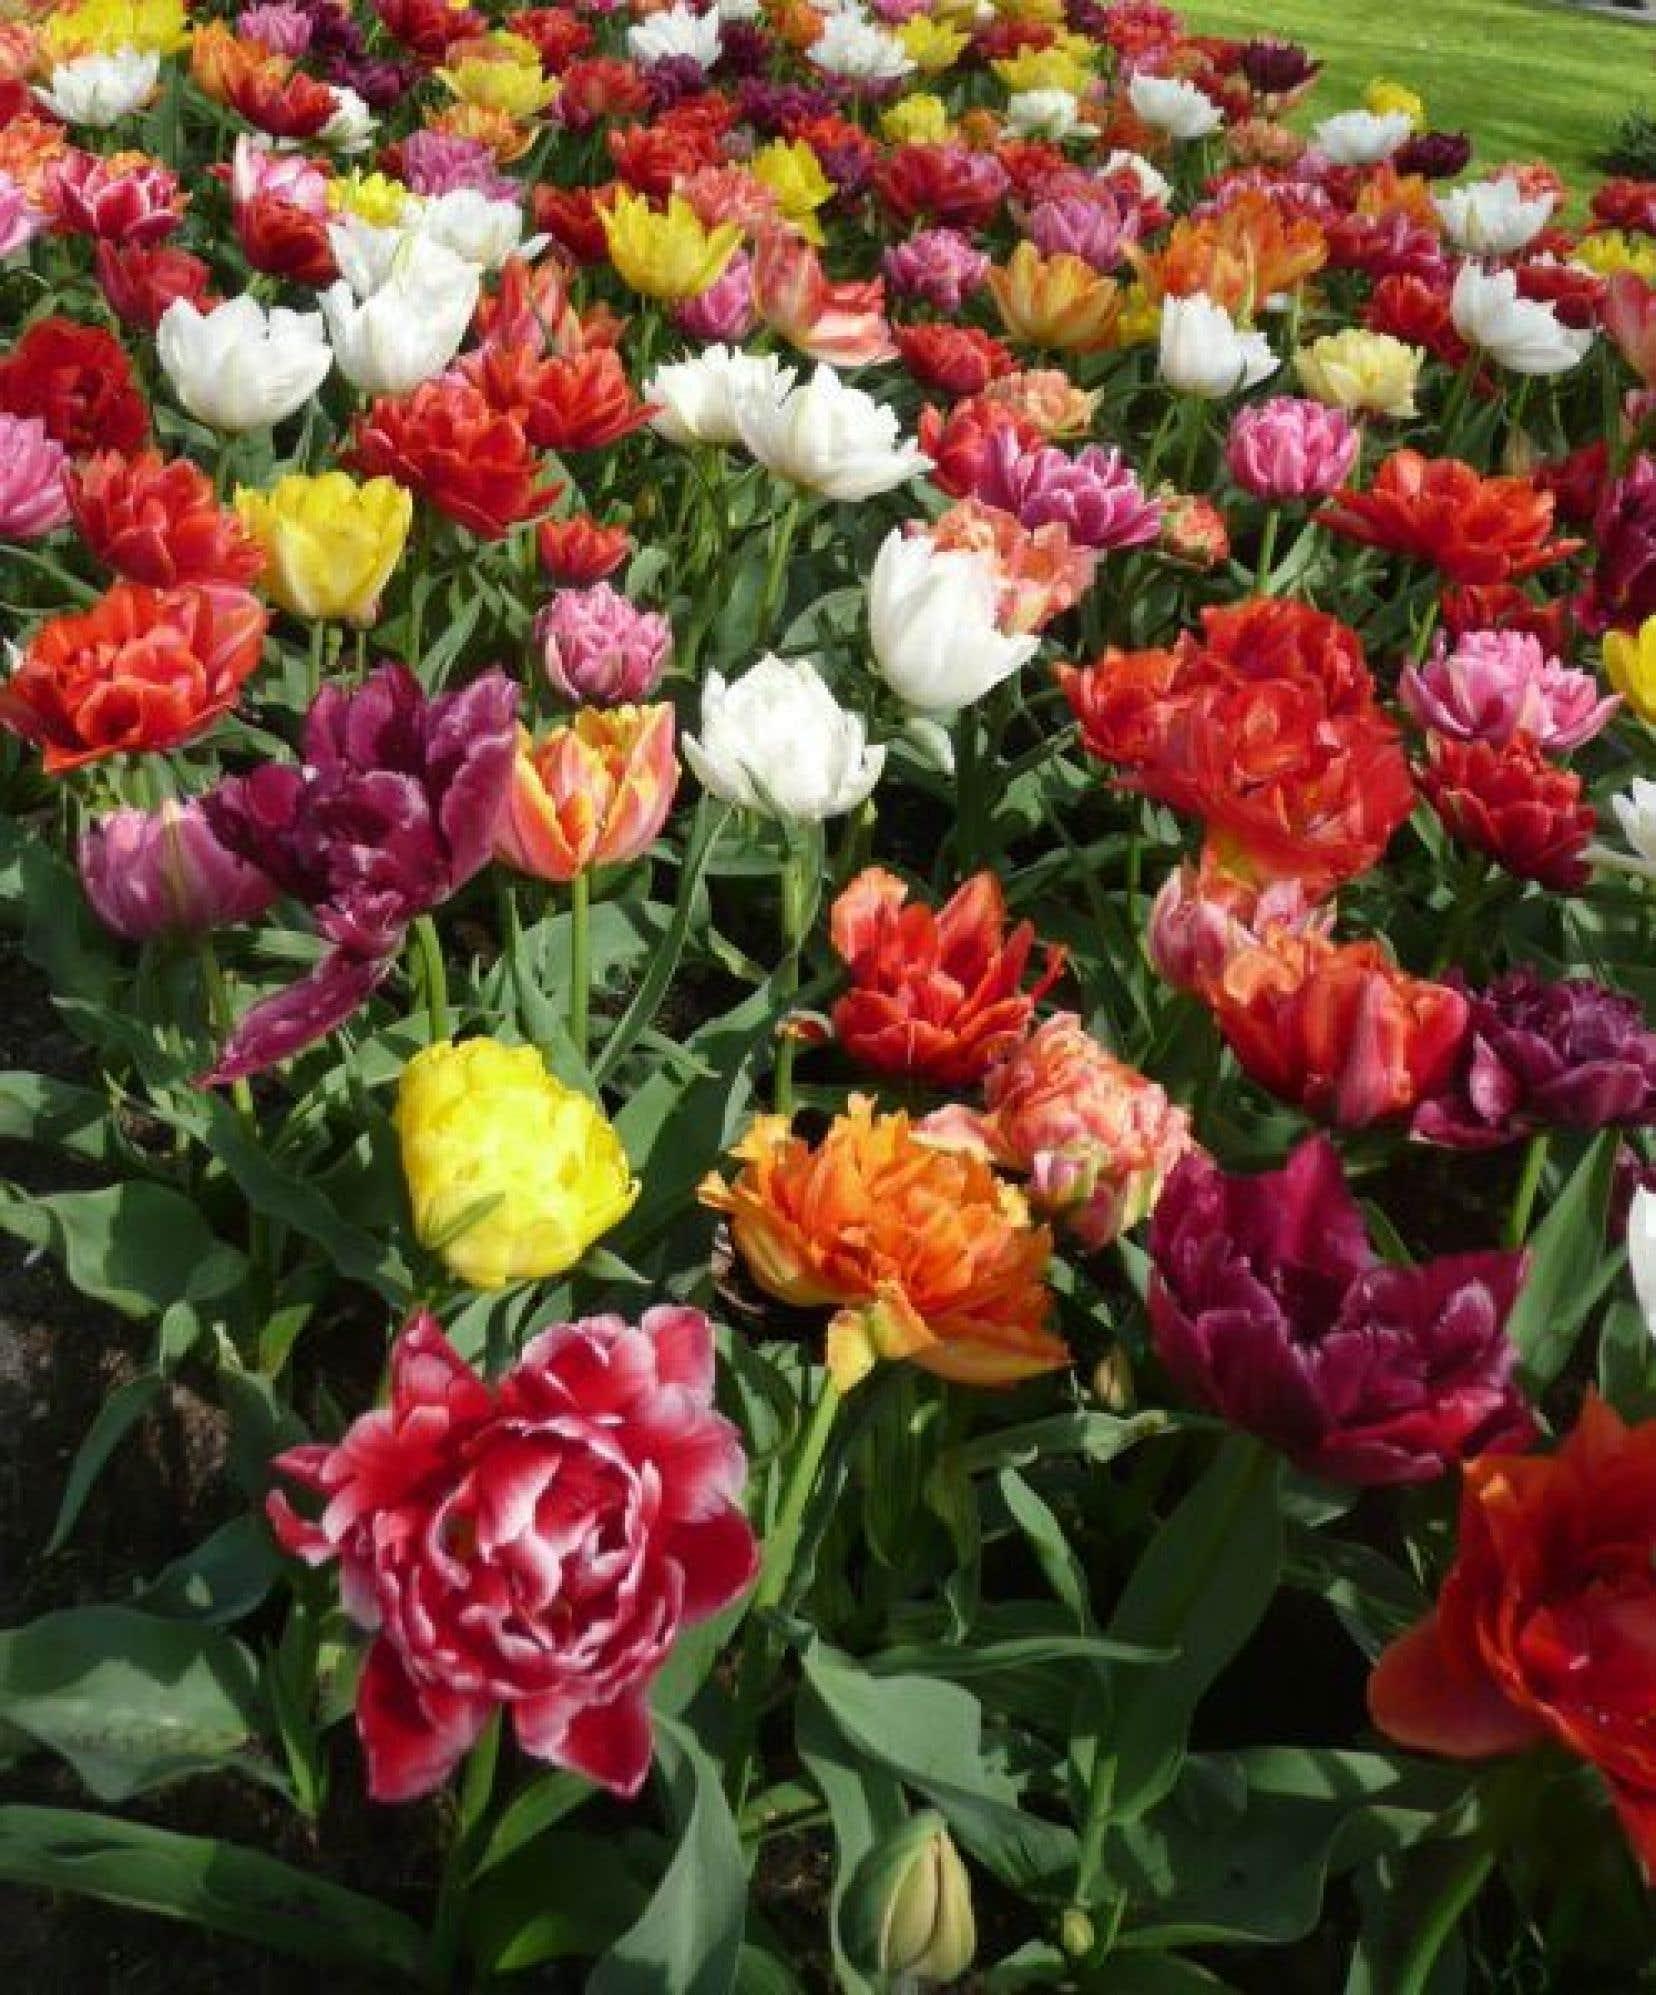 Parmi les tardives, on trouve les généreuses tulipes Doubles qui ressemblent à des pivoines.